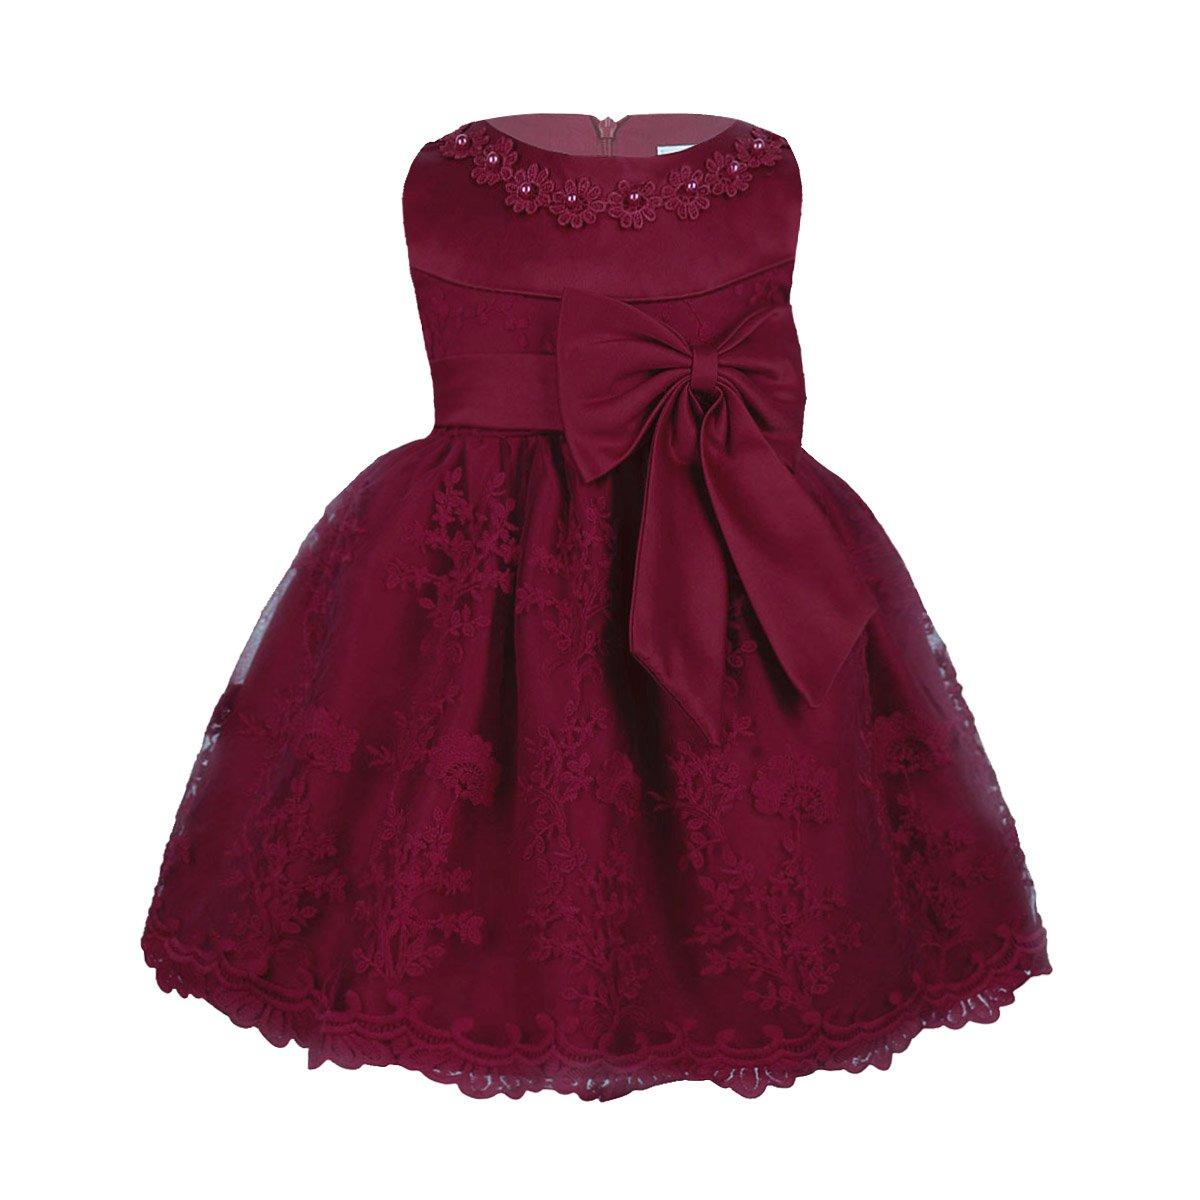 【初回限定お試し価格】 ACSUSS DRESS ガールズ 9 B07H2ZNV5T - DRESS 12 Months バーガンディ バーガンディ B07H2ZNV5T, 【 UVの木陰 】紫外線対策グッズ:a0098ddd --- a0267596.xsph.ru